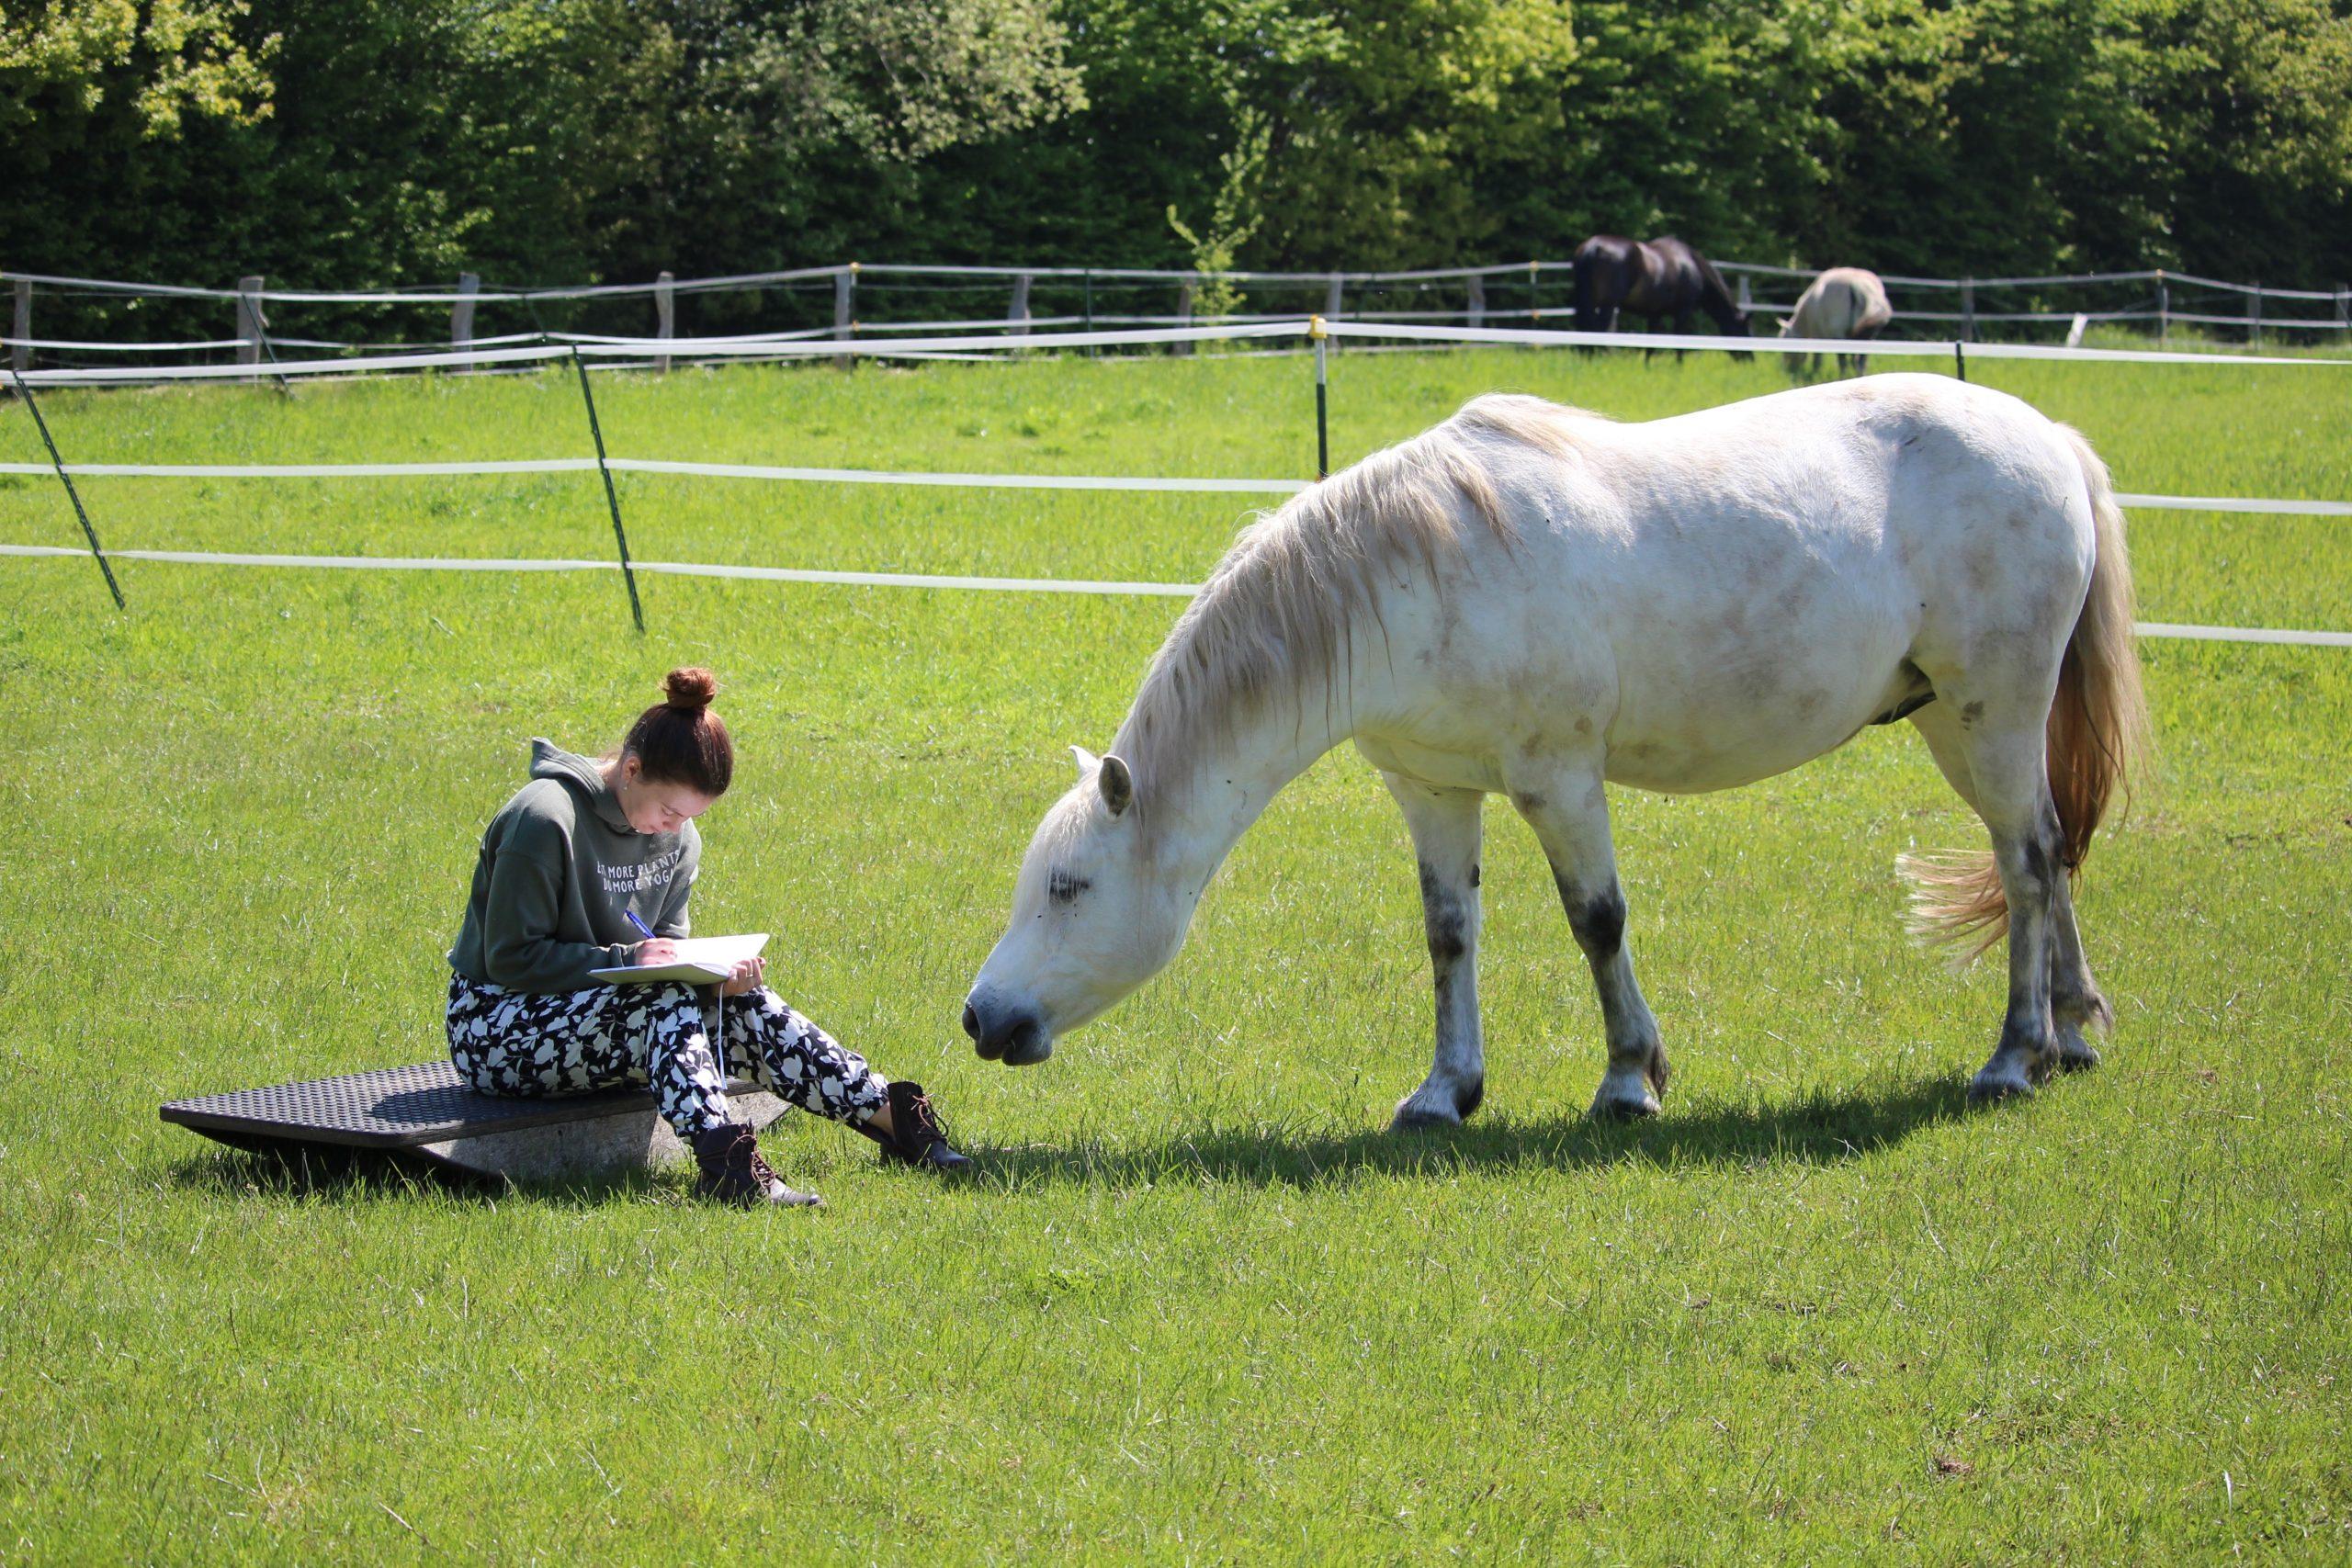 Weißes Pony steht auf der Wiese und seine Besitzerin sitzt vor ihm auf dem Boden